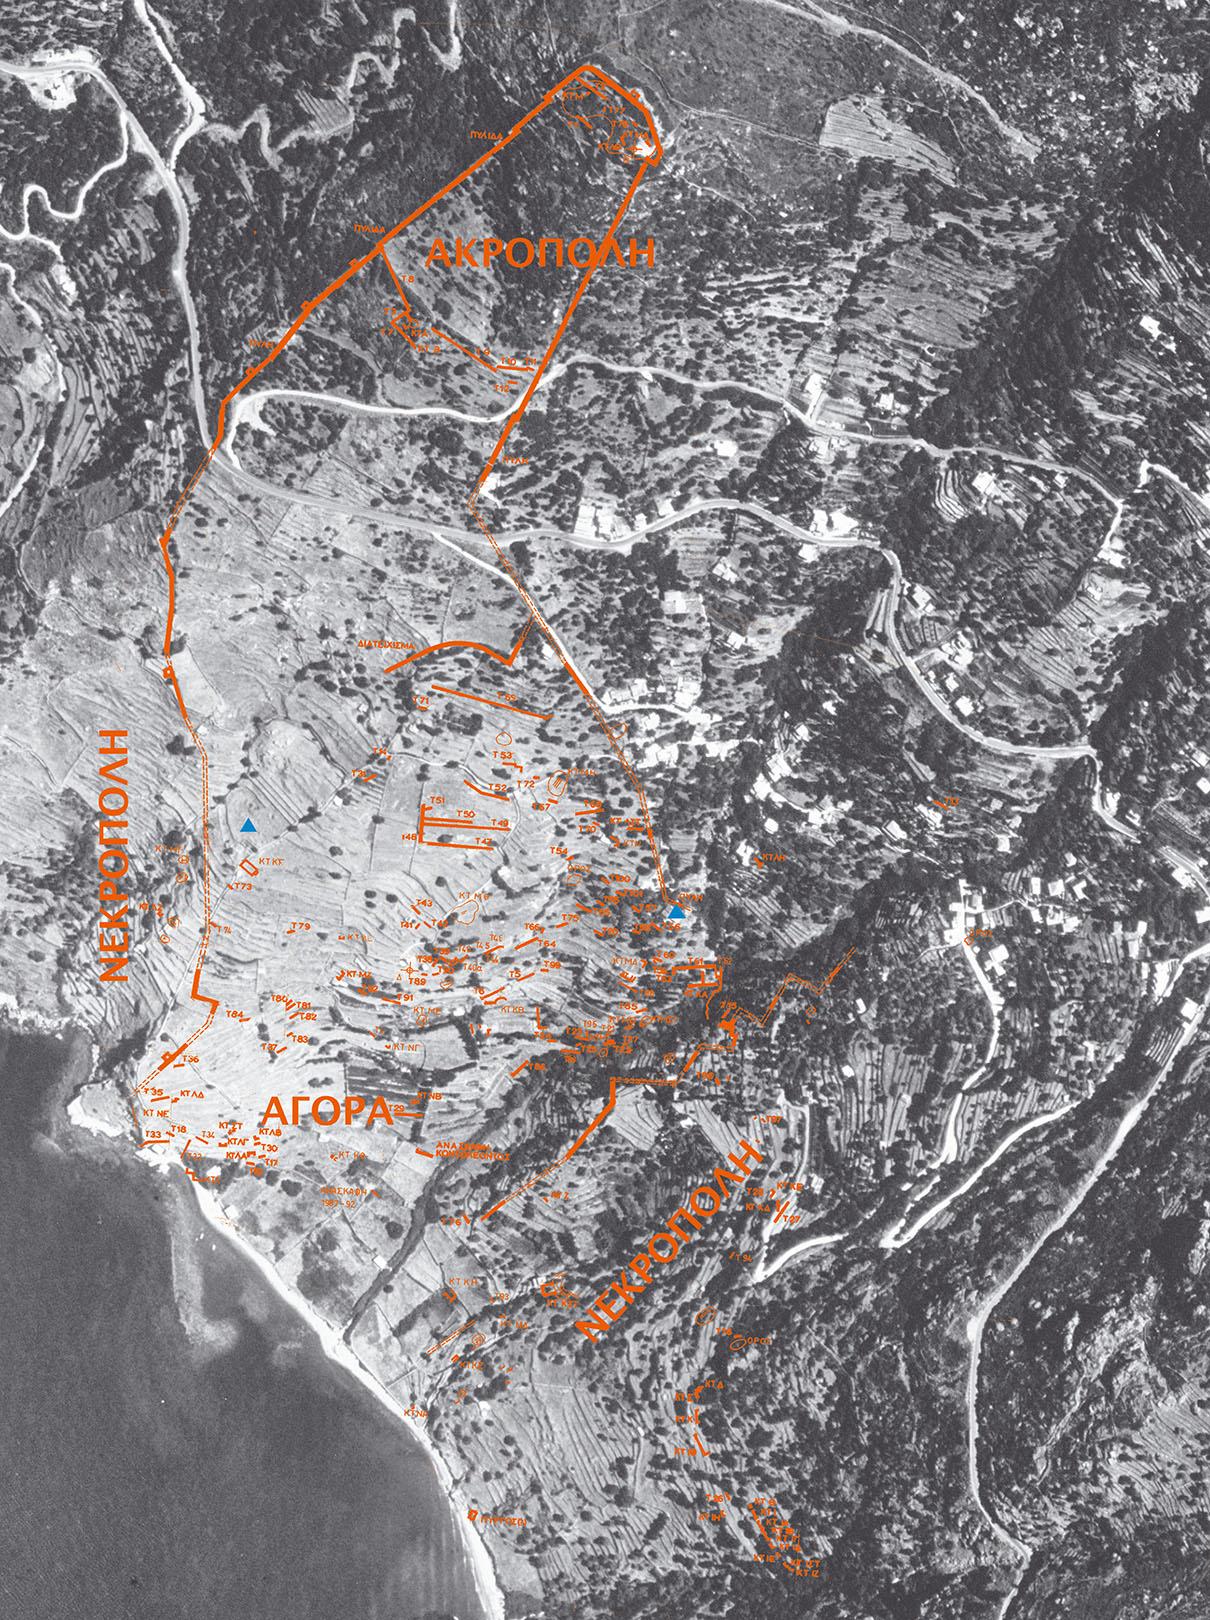 Παλαιόπολη. Αεροφωτογραφία του χώρου με τα ερείπια της αρχαίας πόλης